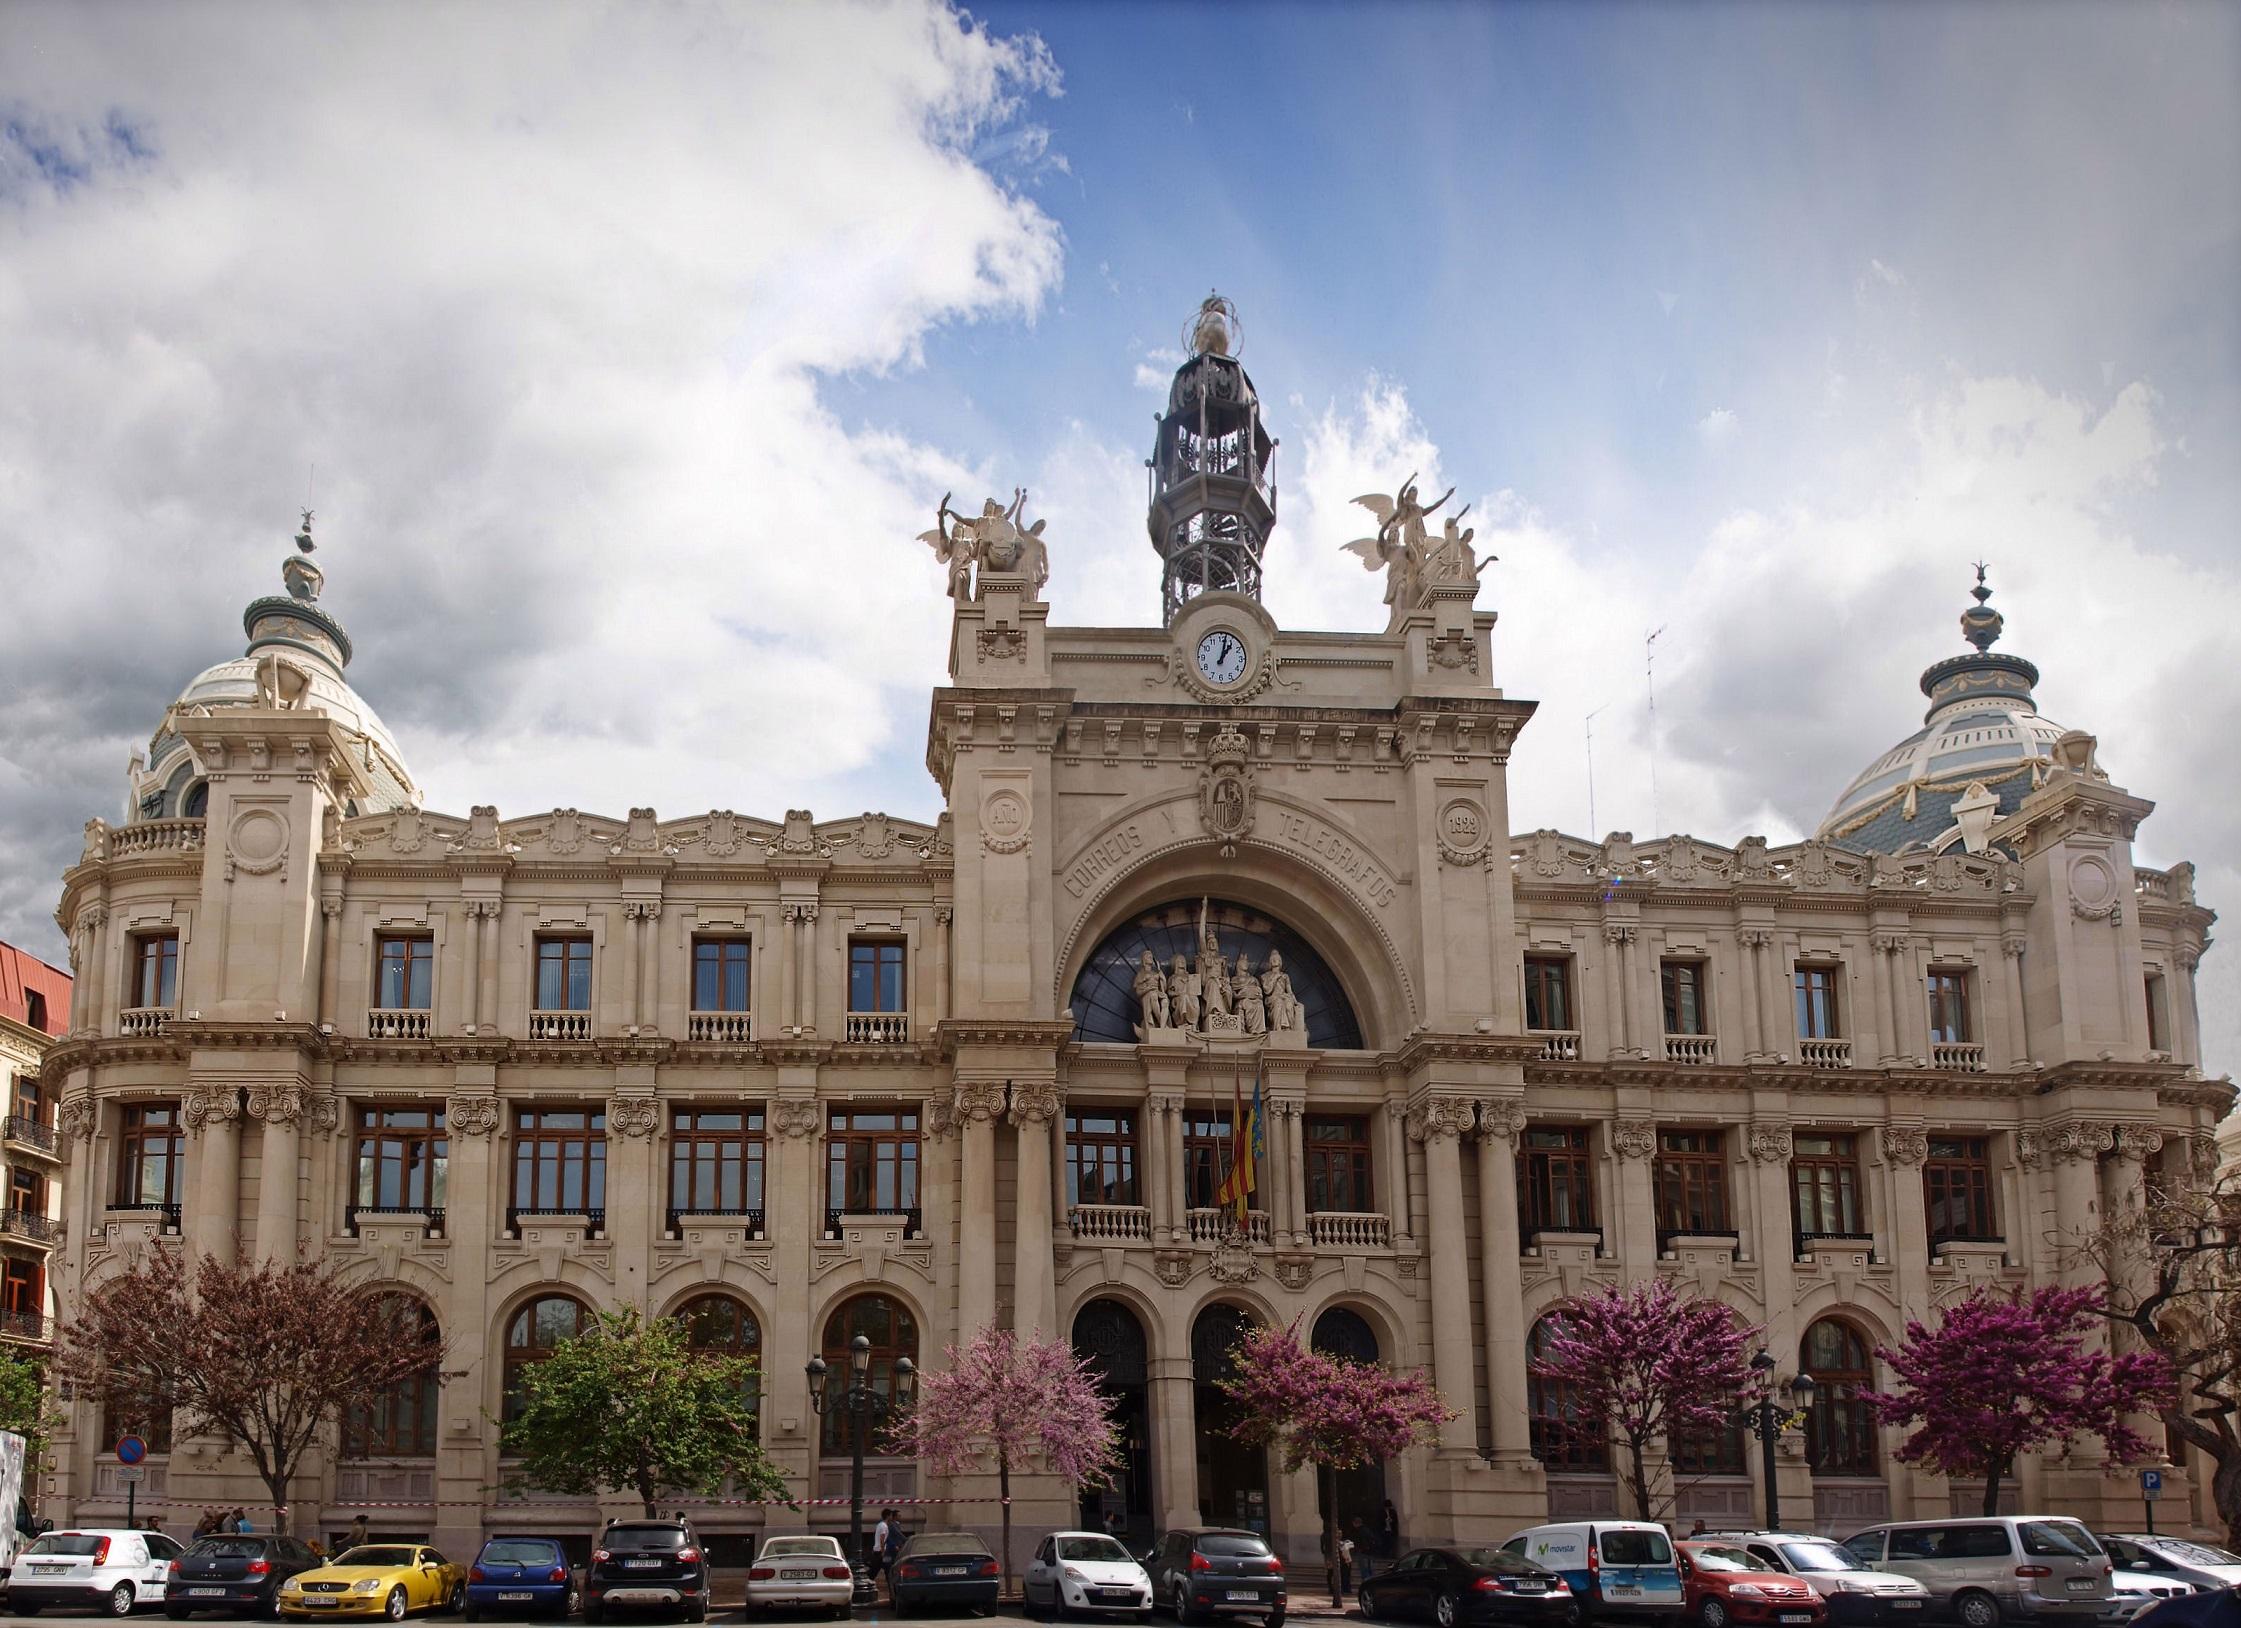 Horario Oficina De Correos Valencia Of Los Edificios M S Bonitos De Valencia